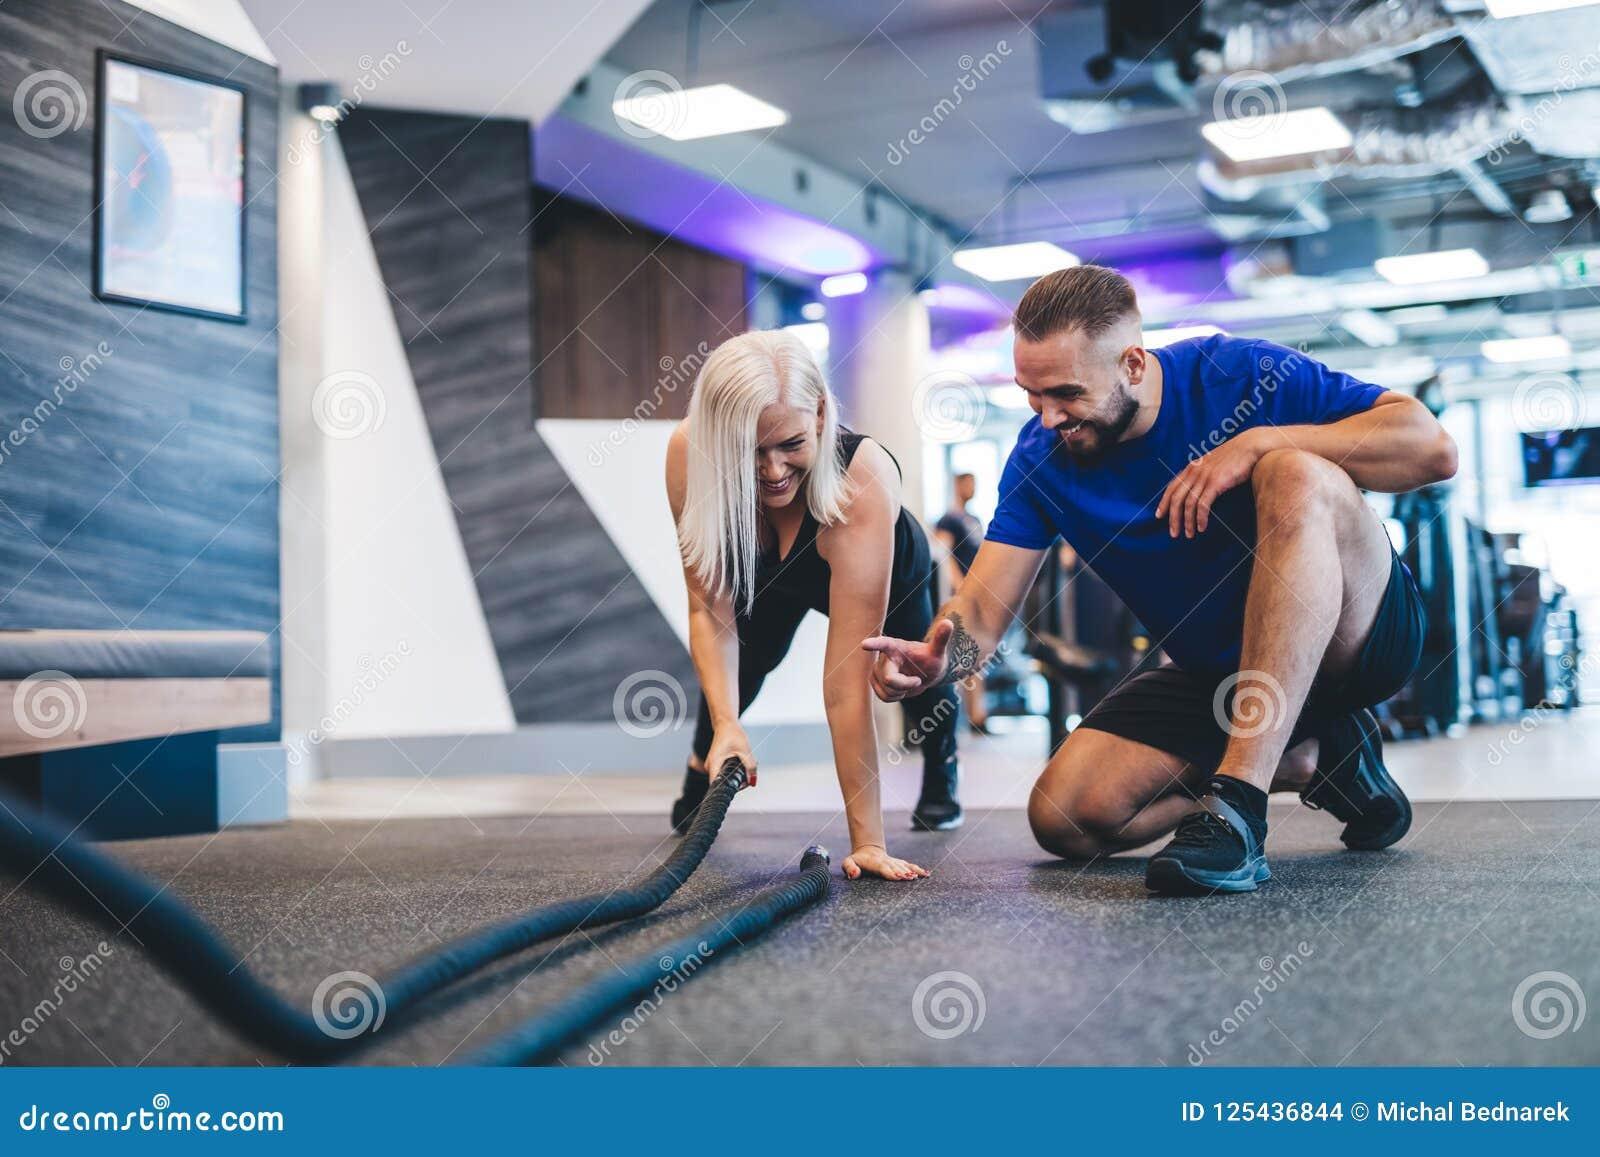 Εκπαιδευτικός γυμναστικής και μια γυναίκα που ασκεί στη γυμναστική